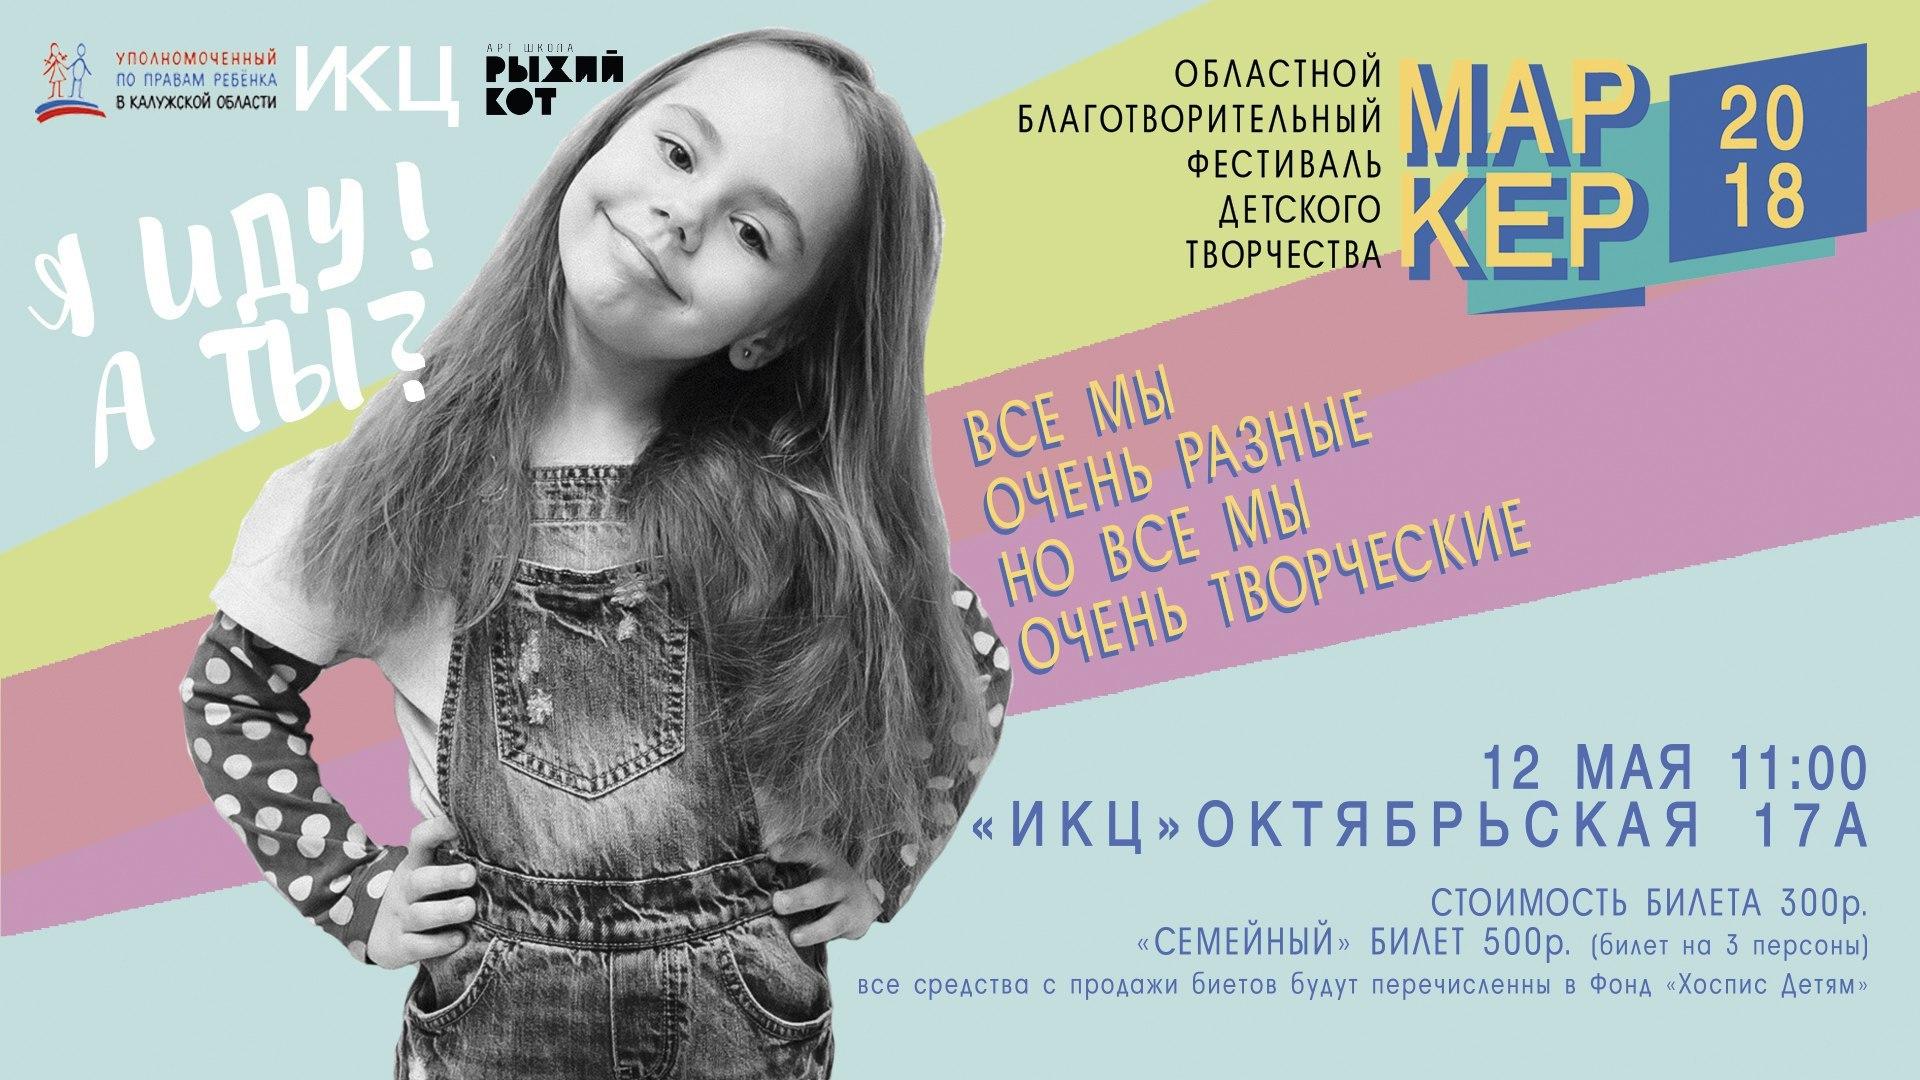 Благотворительный Фестиваль детского творчества МАРКЕРФЕСТ 2018. ИКЦ